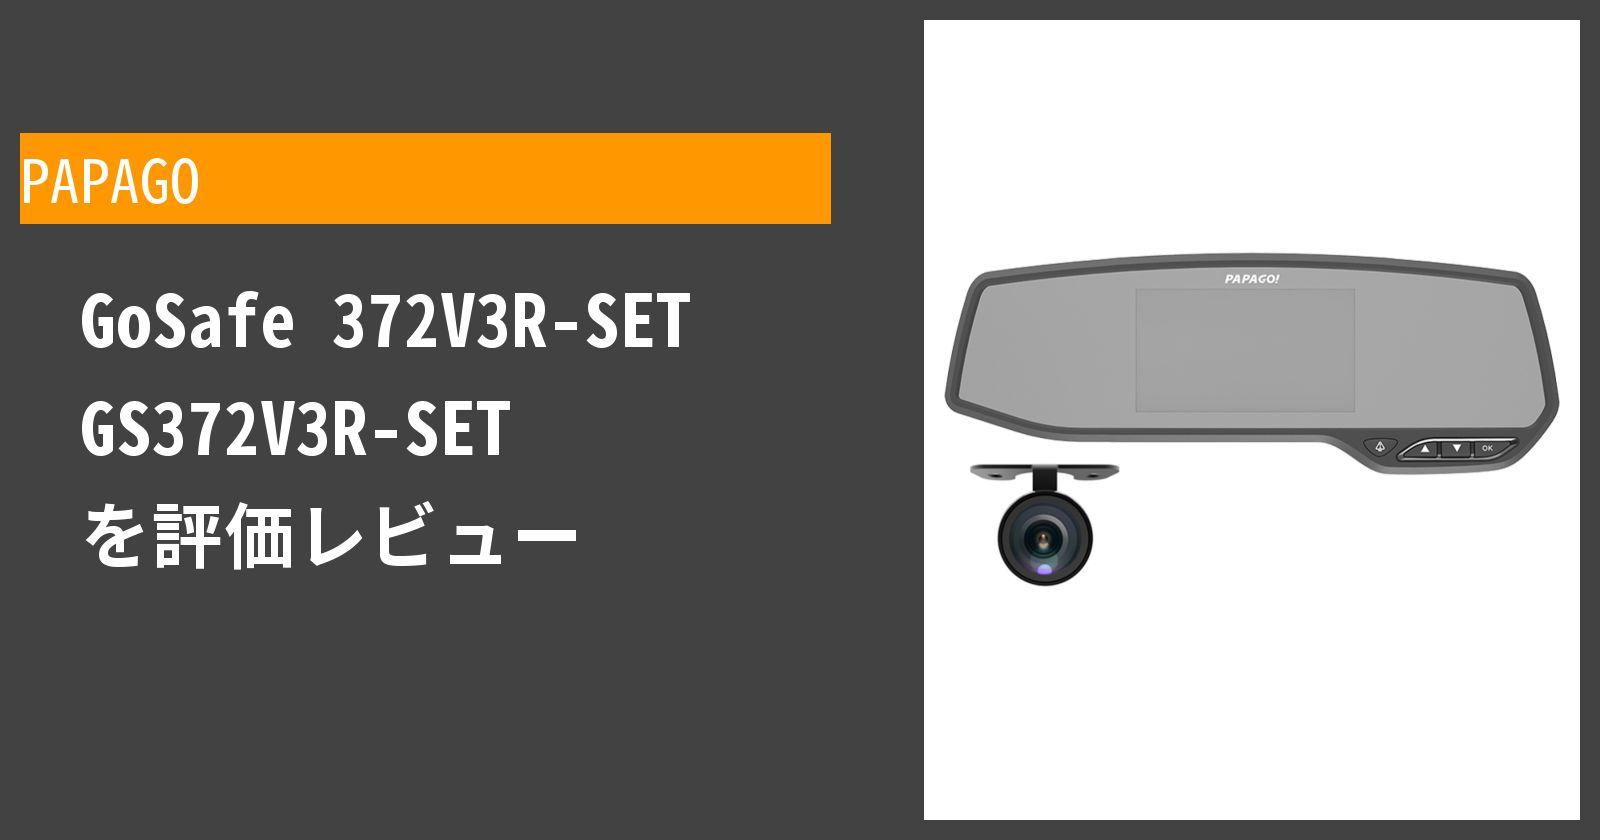 GoSafe 372V3R-SET GS372V3R-SETを徹底評価